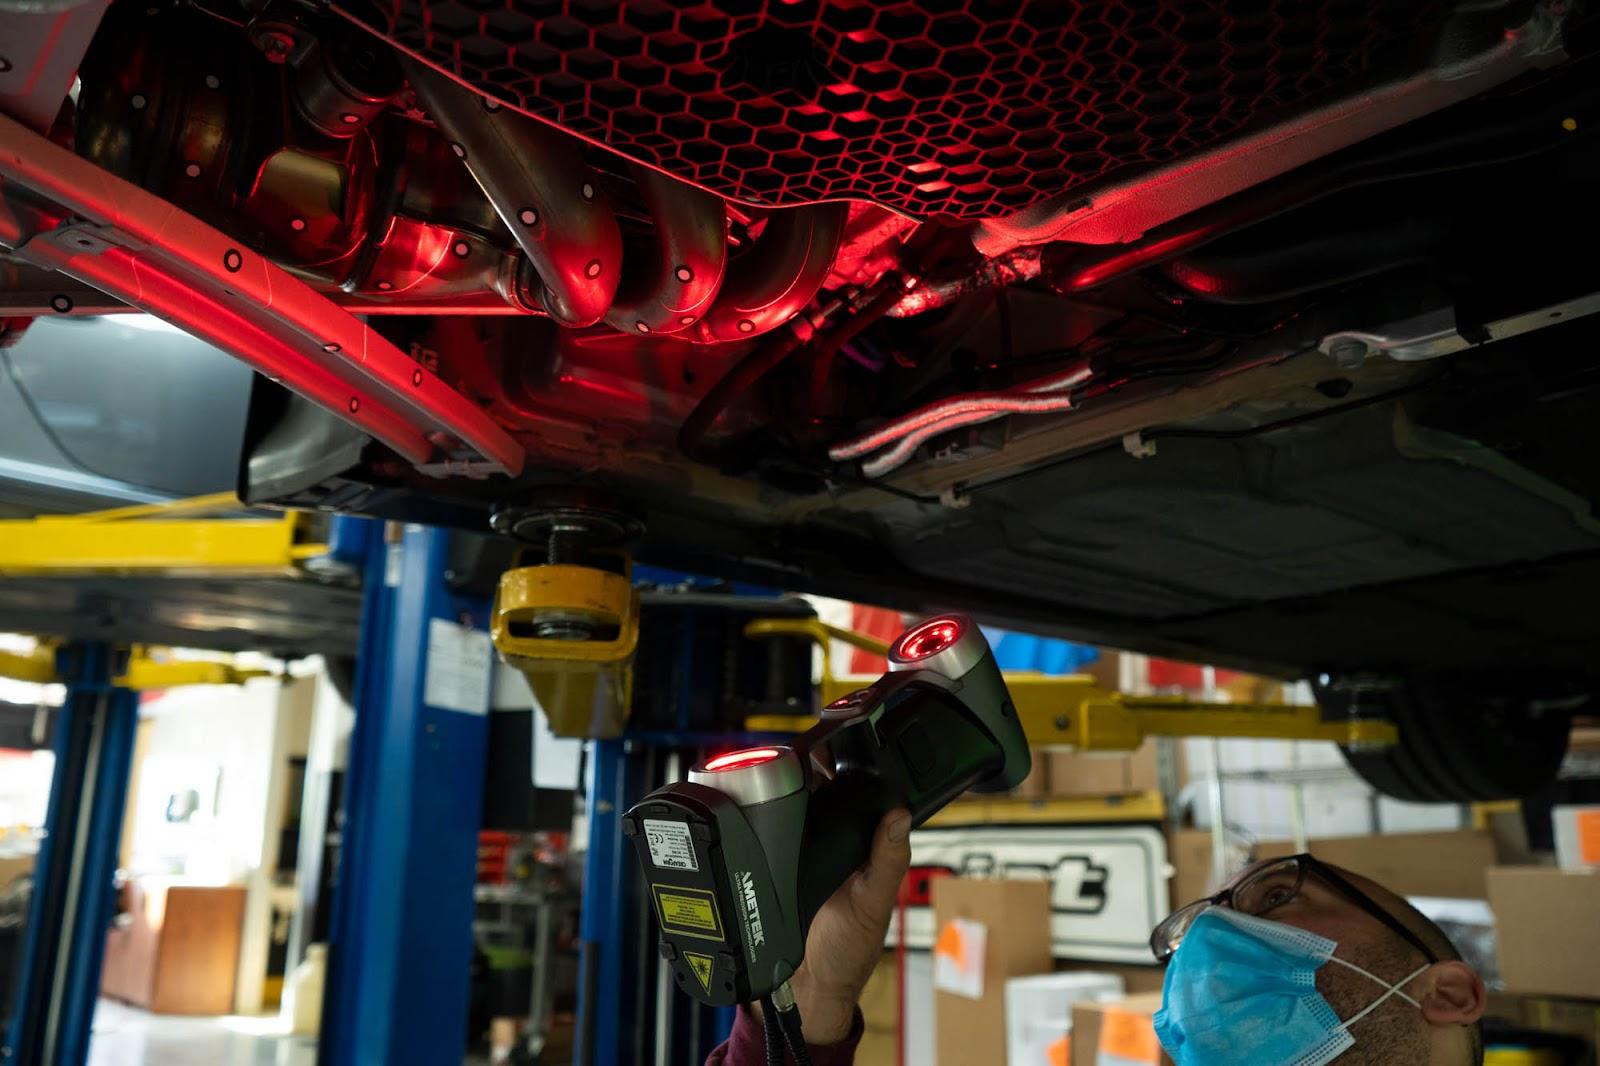 Creaform Handyscan 700 Scanning Porsche 718 GT4